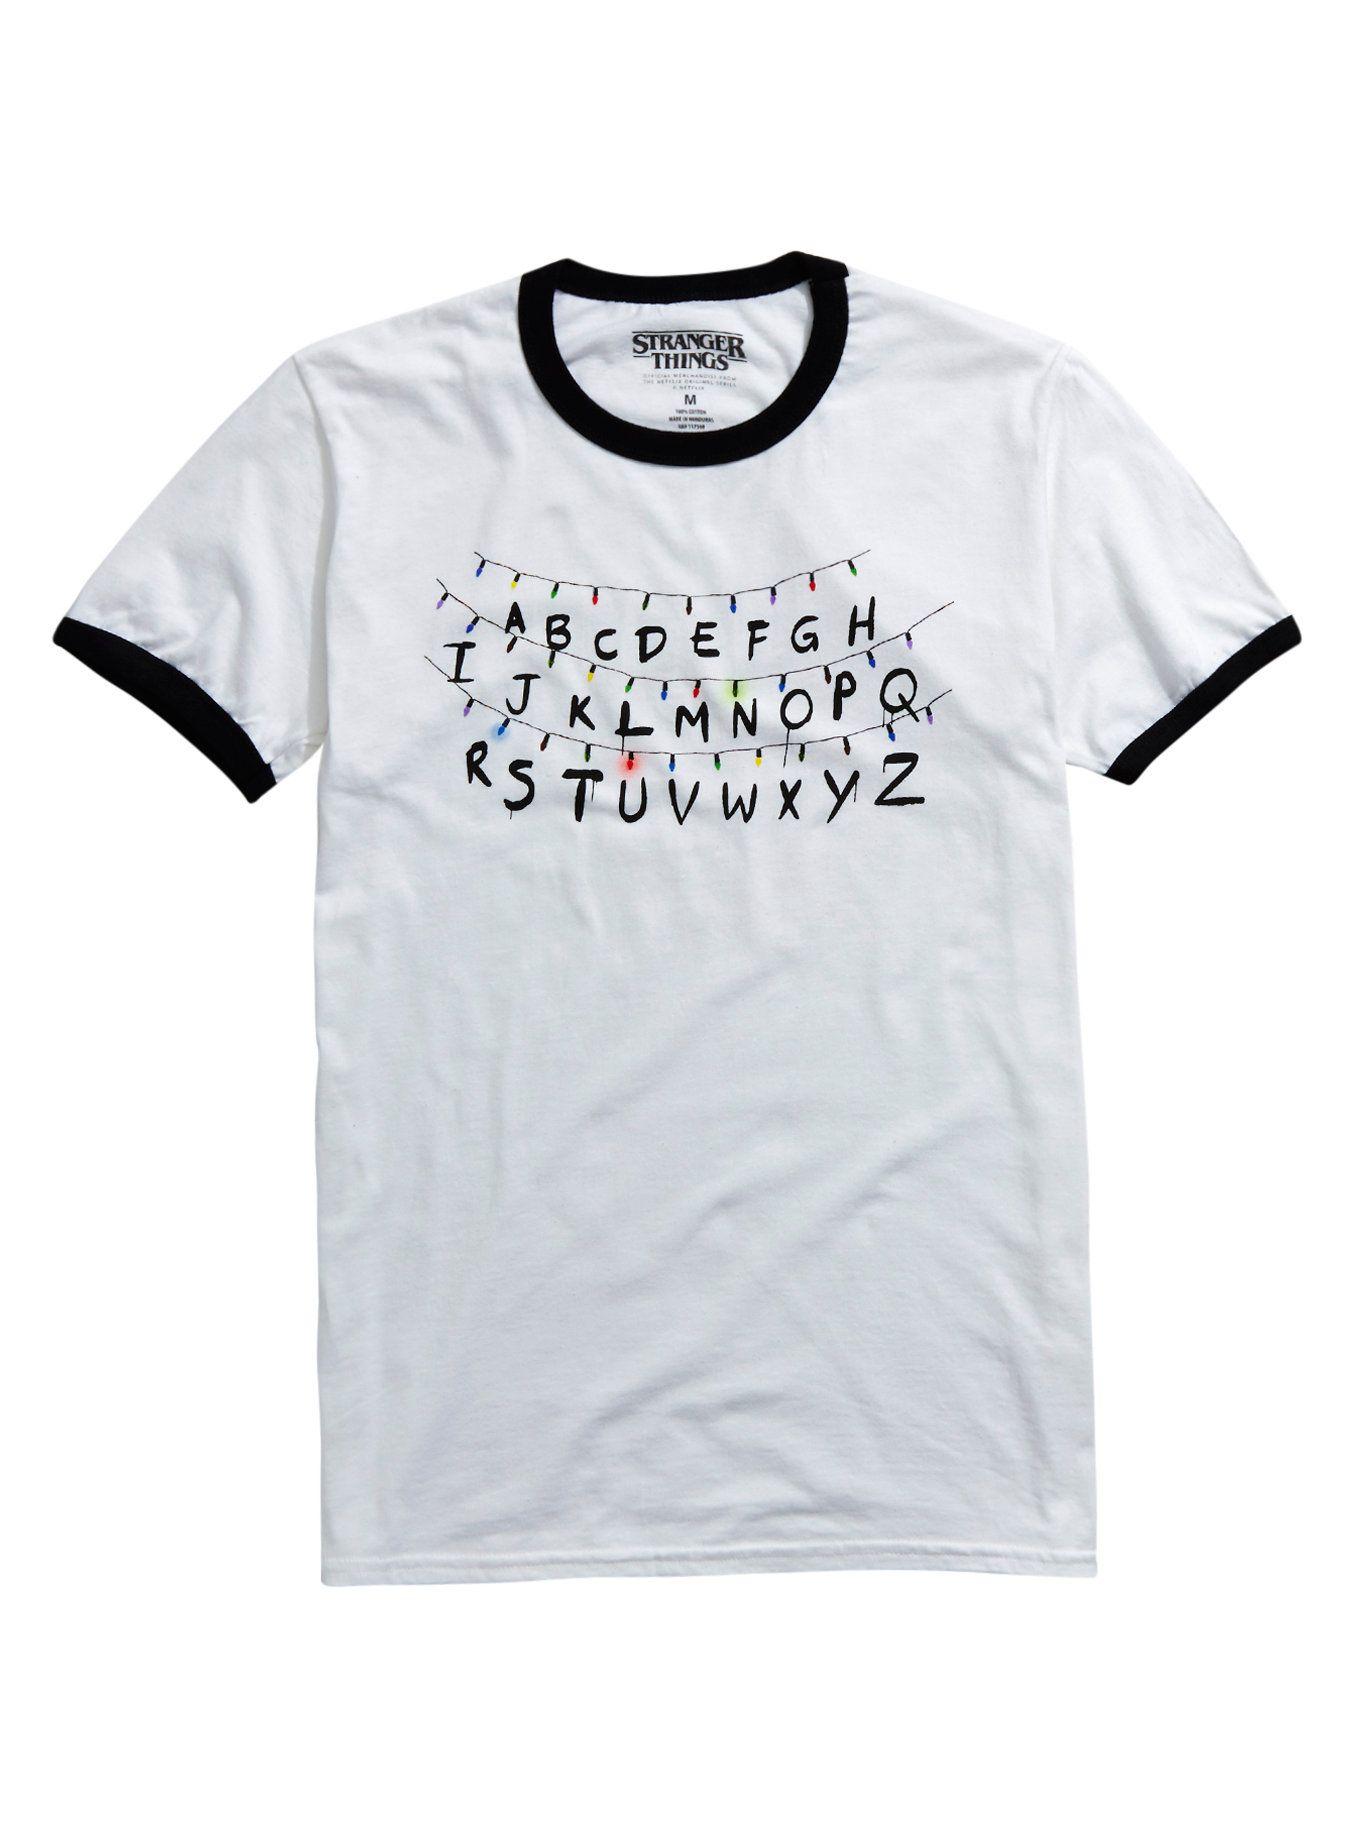 Black light t shirt ideas - Stranger Things Holiday Lights Ringer T Shirt Hot Topic